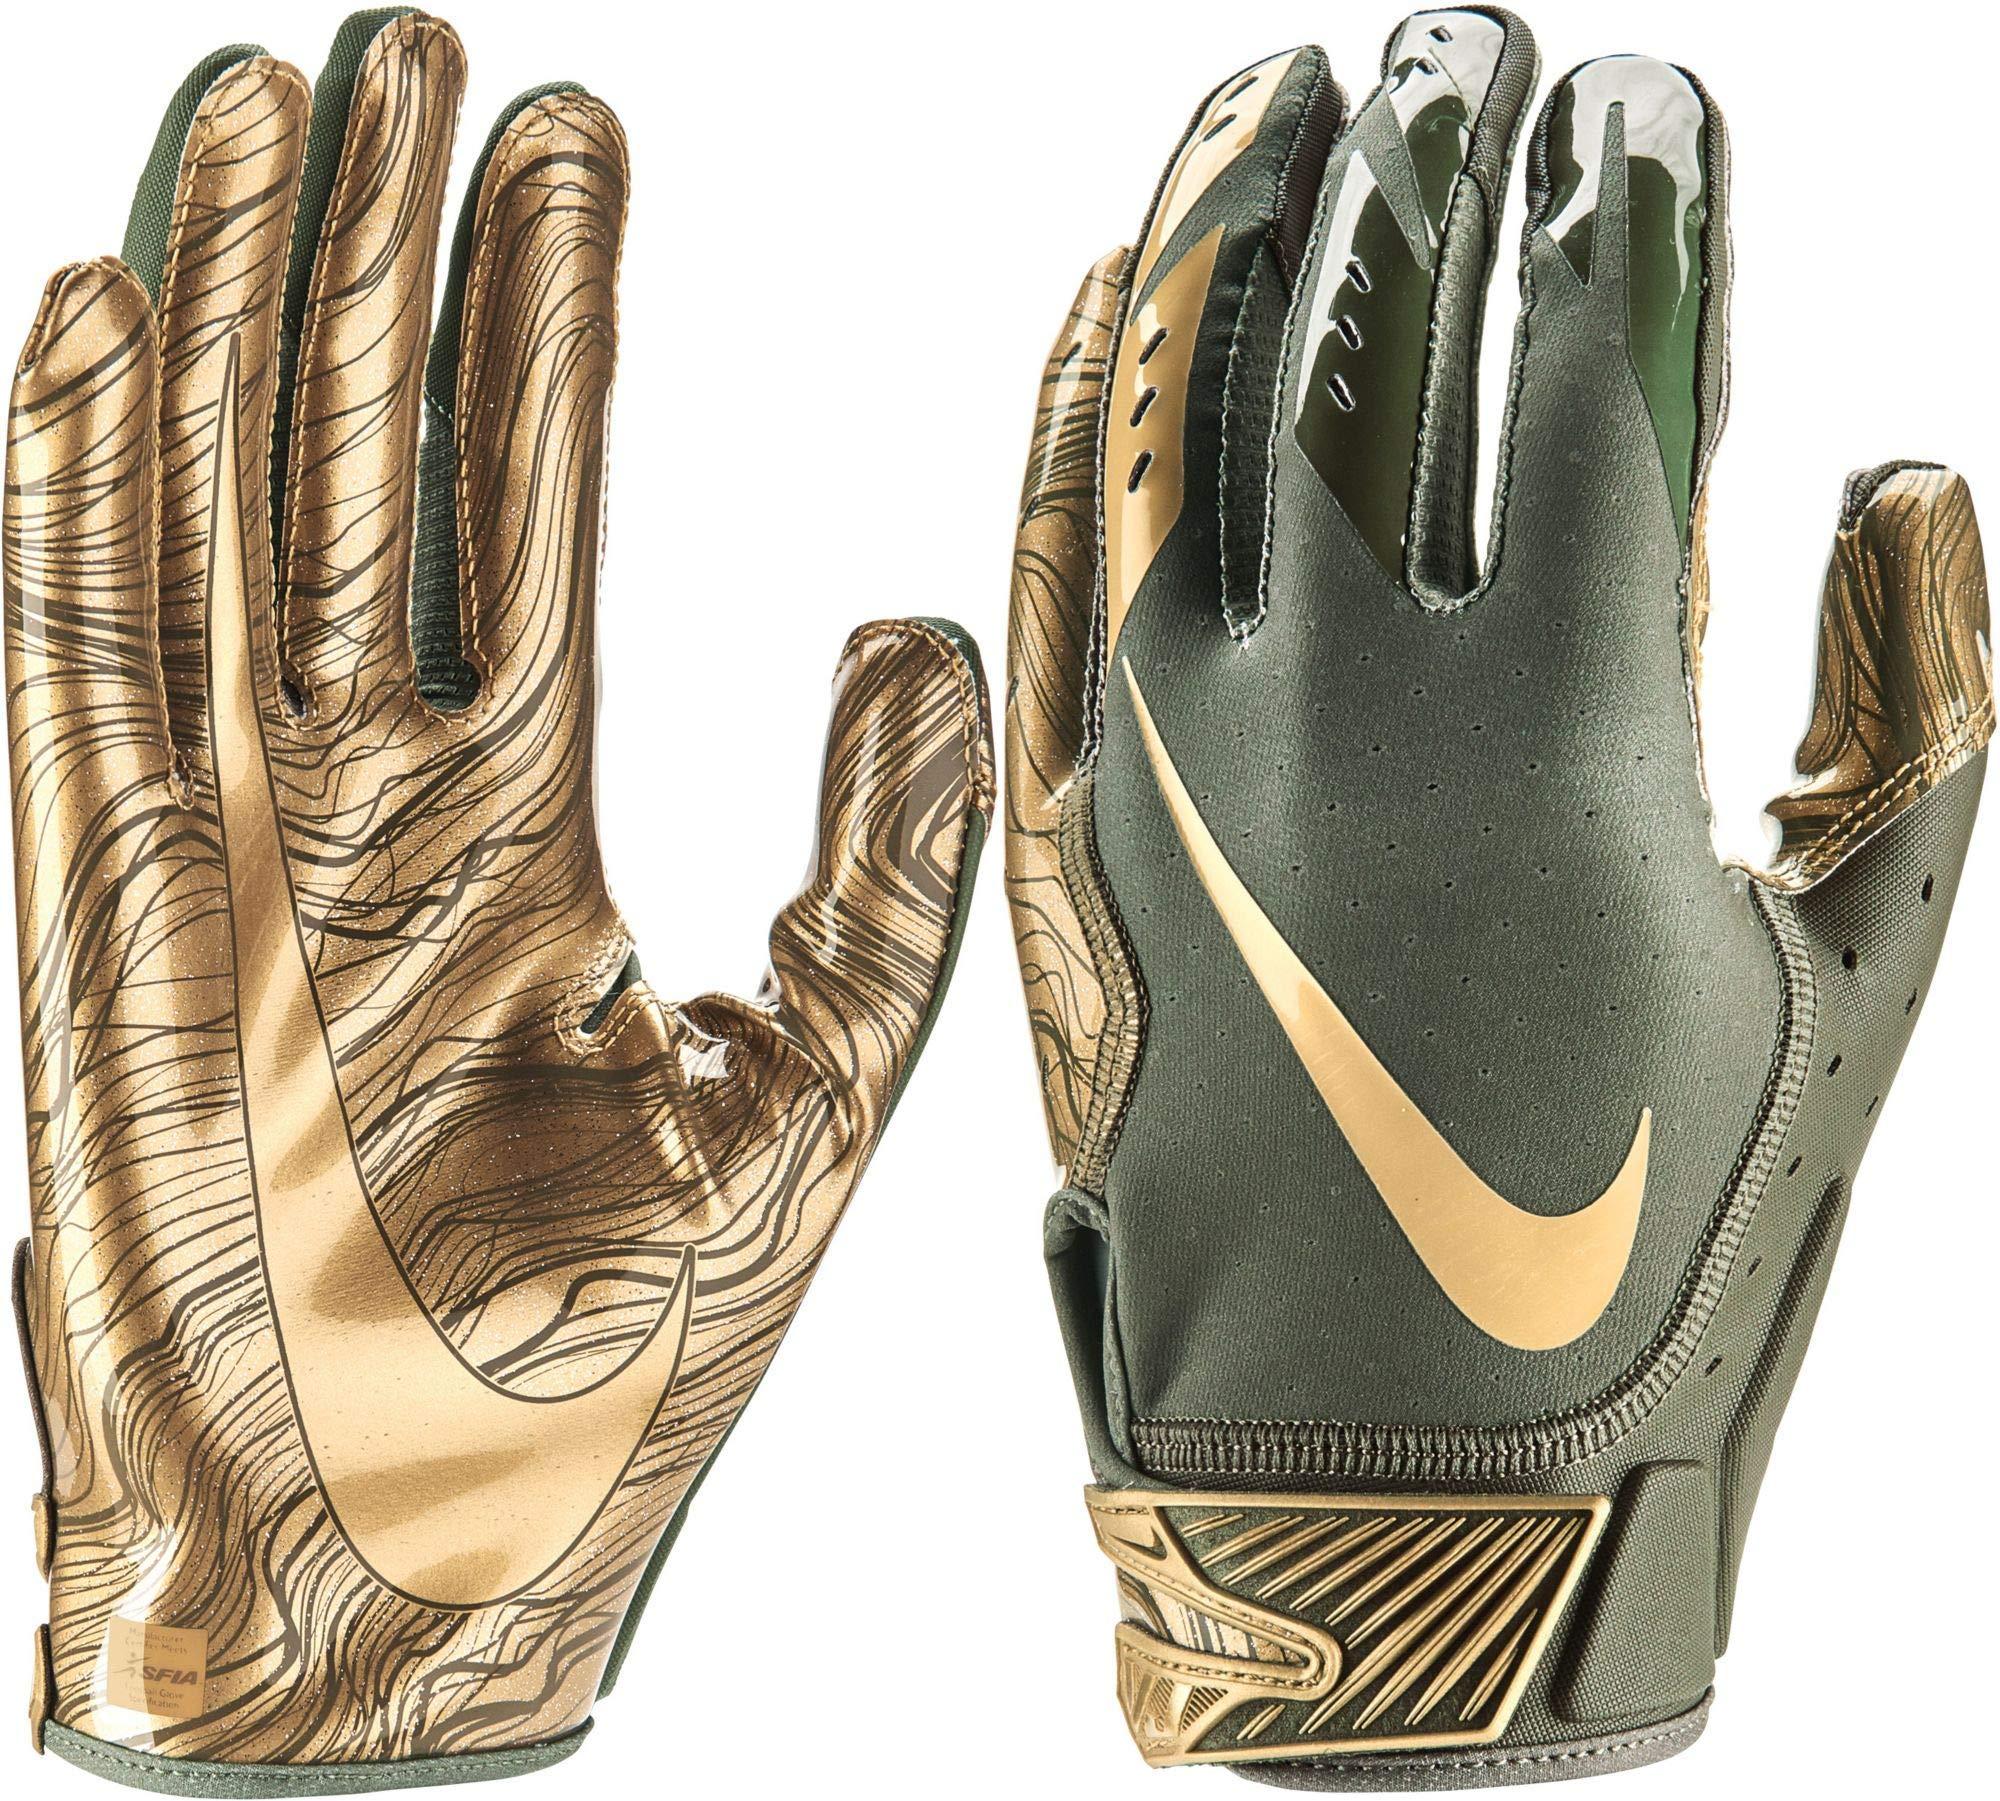 Nike Adult Vapor Receiver Gloves